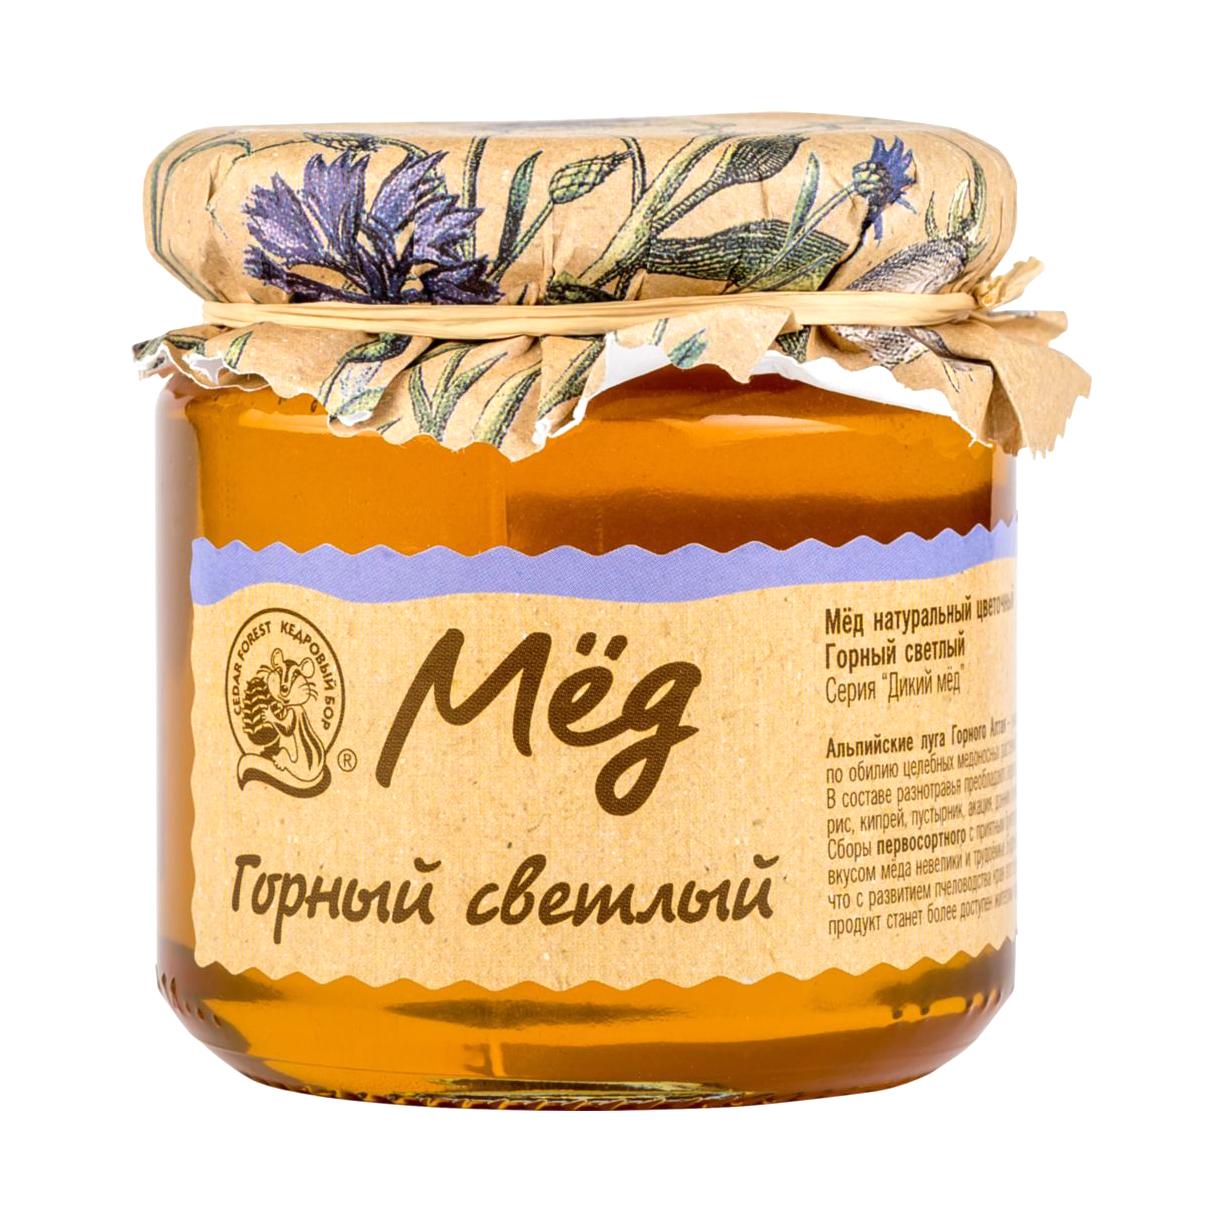 Мёд горный Кедровый бор светлый 245 г